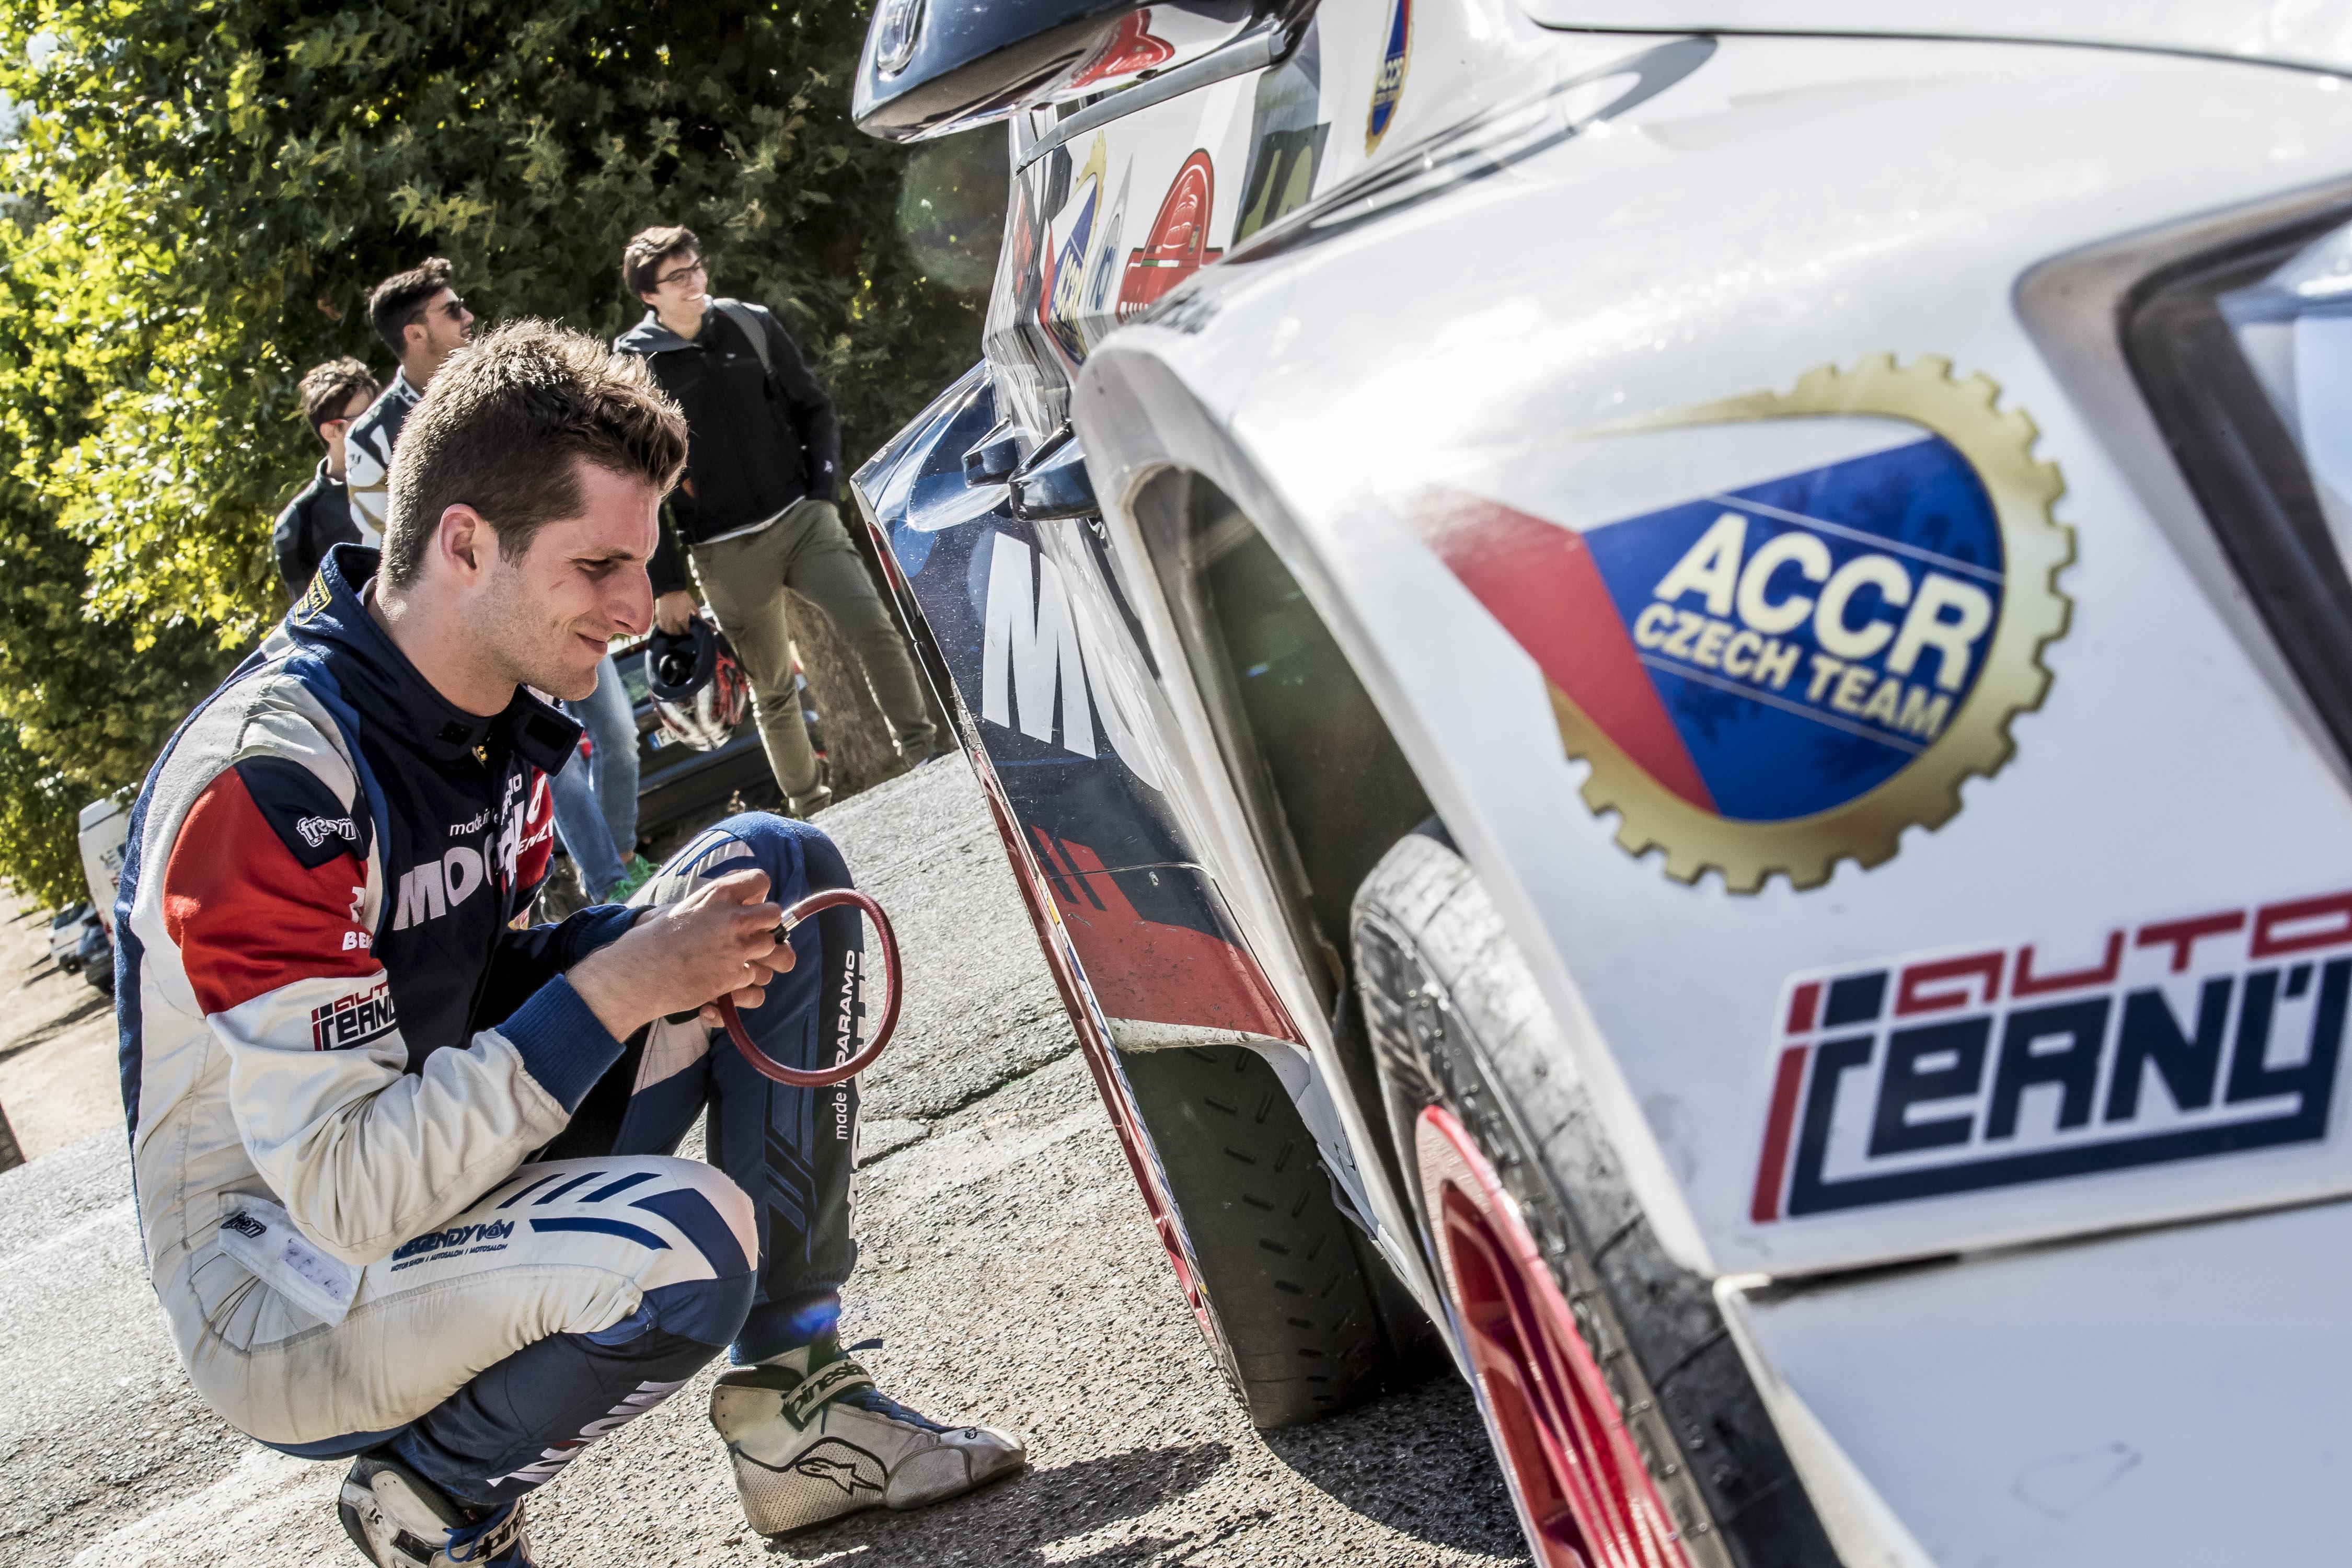 Černý de retour en ERC pour la manche italienne avec l'ACCR